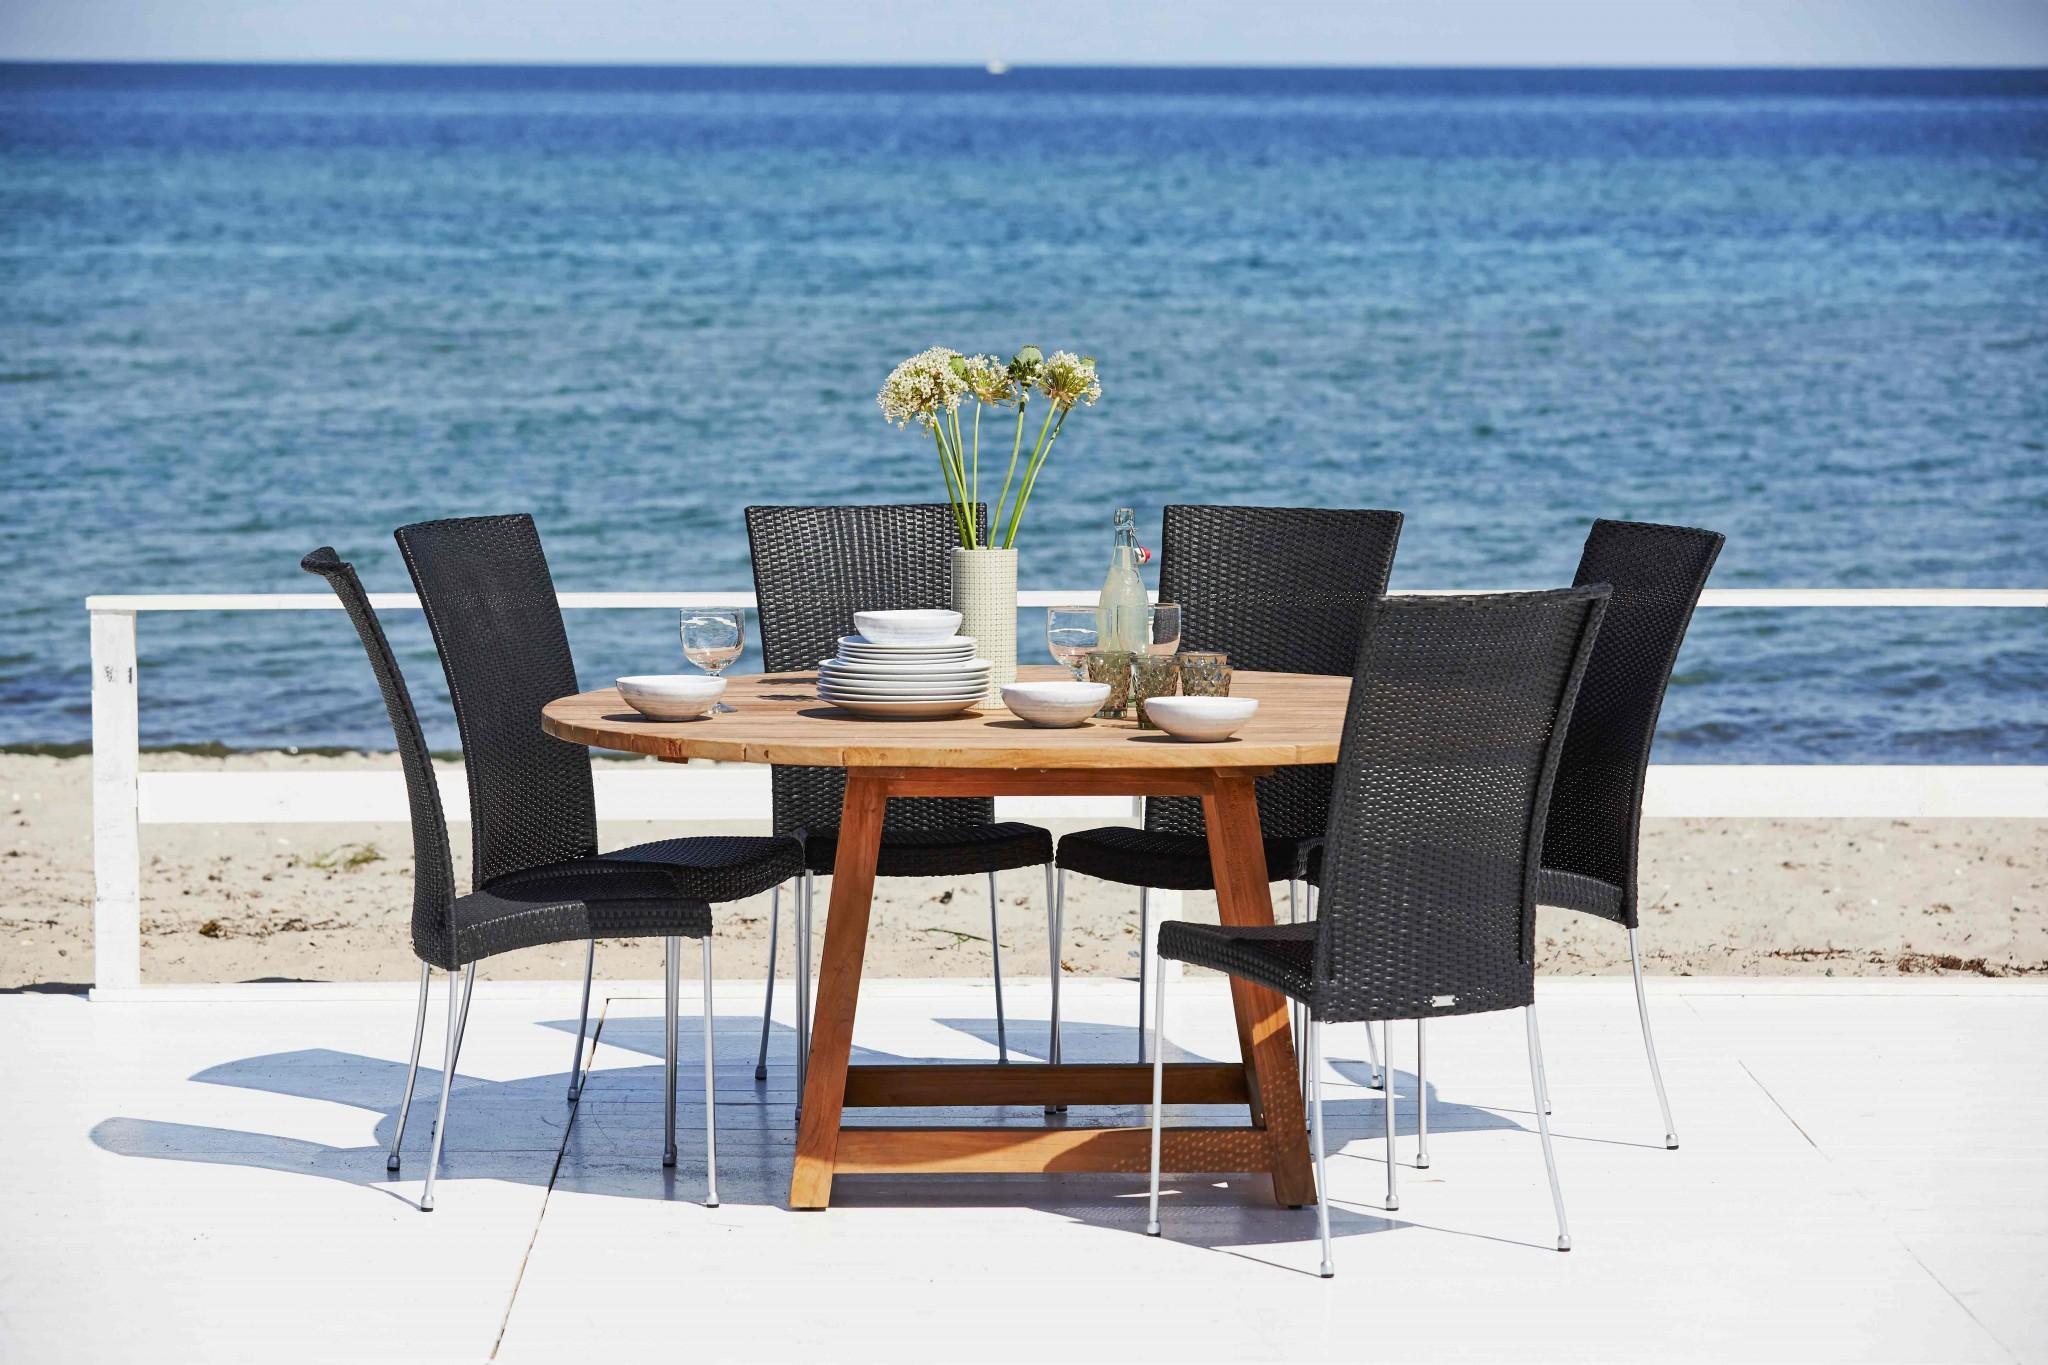 George teak Tisch rund 160 cm - Nordische Wohnkultur - Onlineshop zu ...